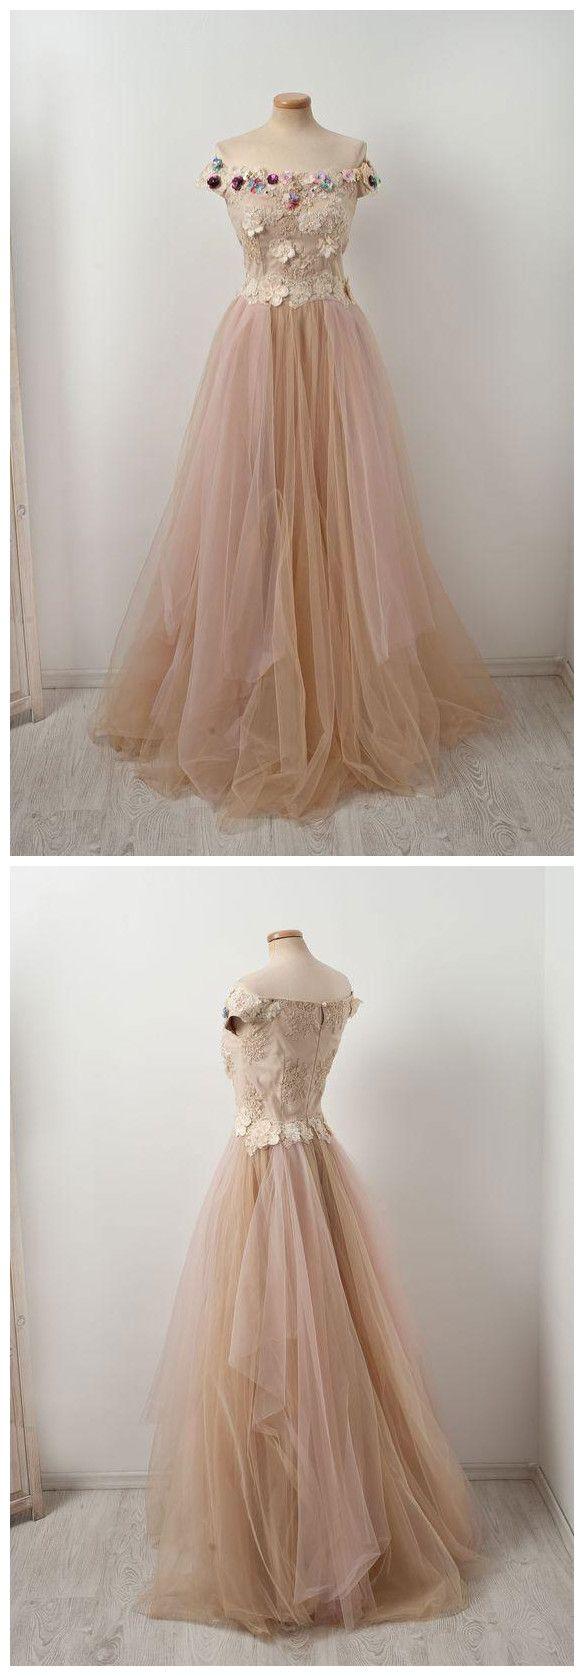 Elegant prom dress aline offtheshoulder tulle lace floral long